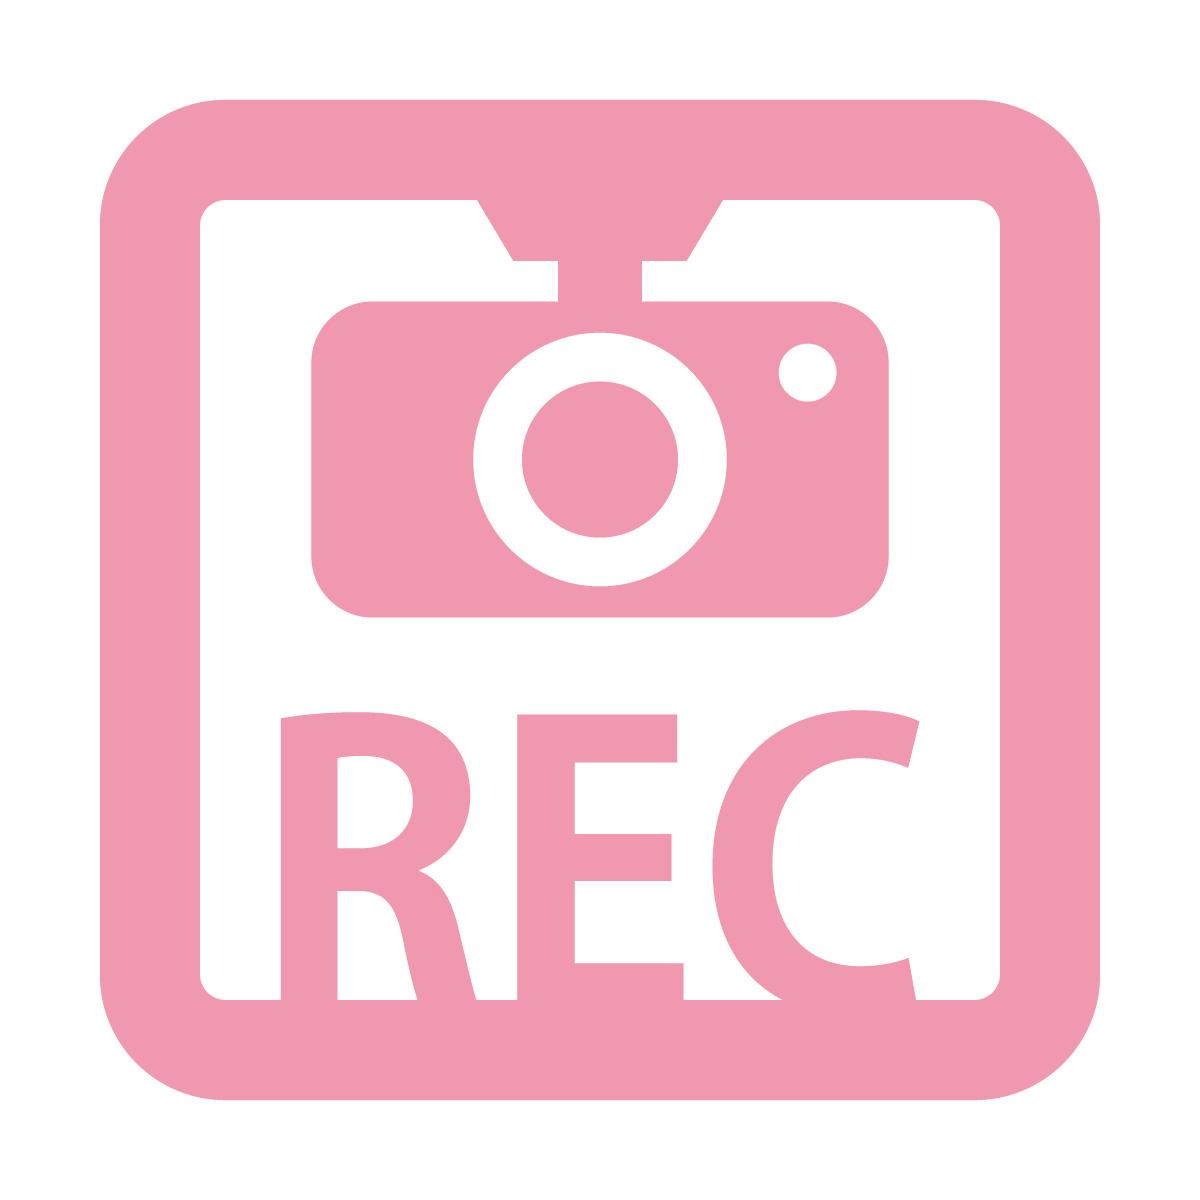 ピンク色のドラレコ 録画中 撮影中 REC 防犯 セキュリティーマークのカッティング ステッカー・シール 光沢タイプ・防水・耐水・屋外耐候3~4年 煽り運転 抑止 ドライブレコーダー 車間距離